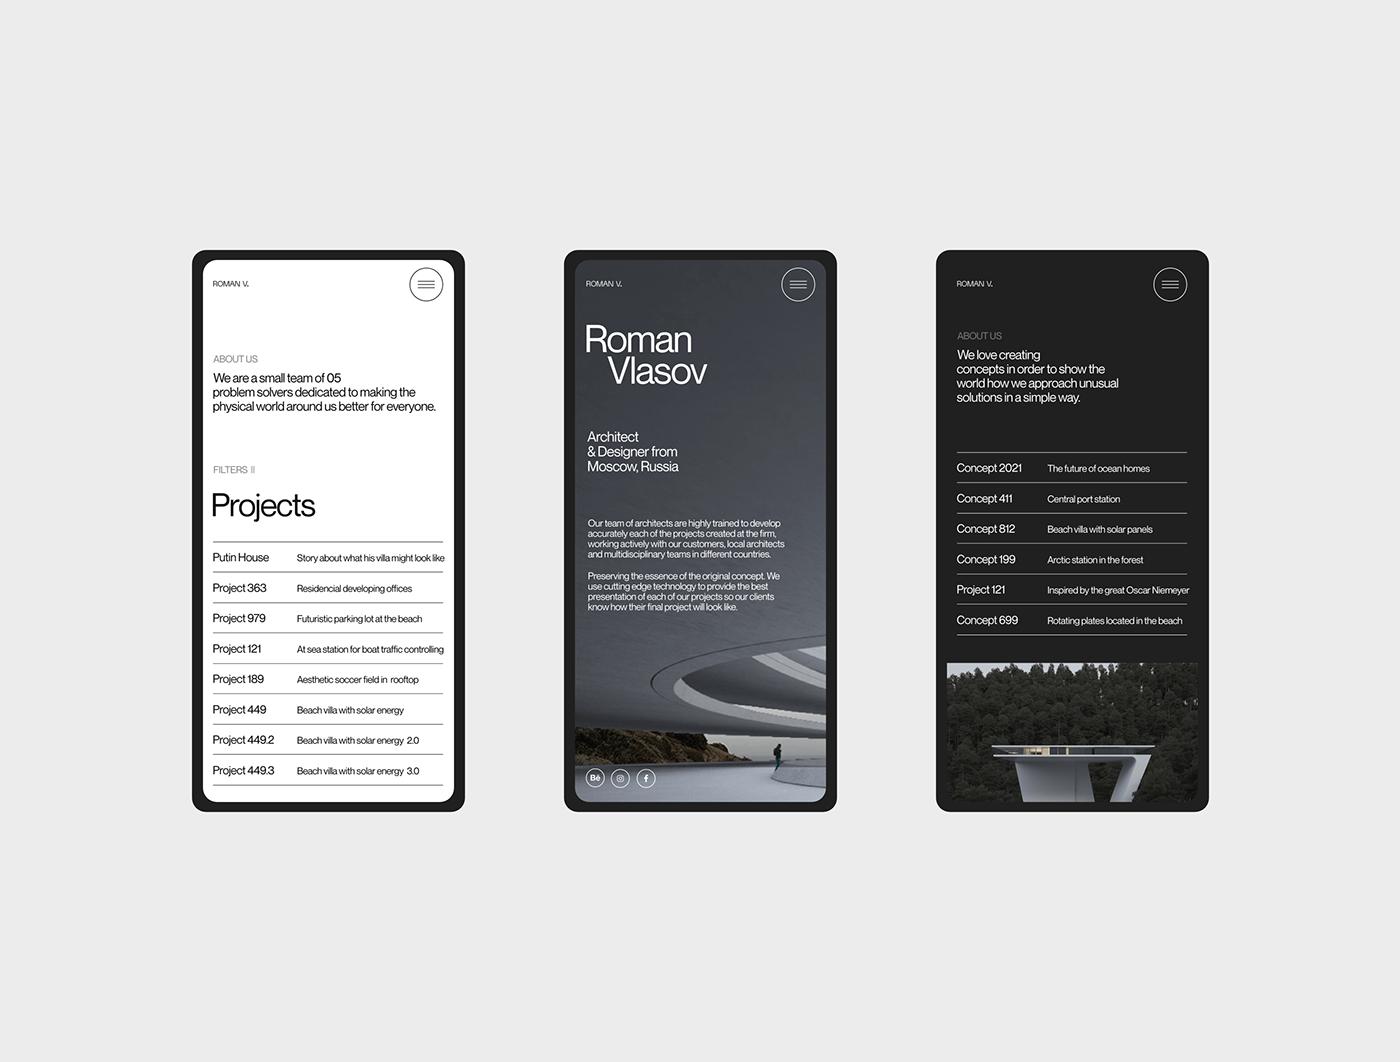 architecture,Layout,luxury,uidesign,uiux,uxdesign,Web,Webdesign,Website